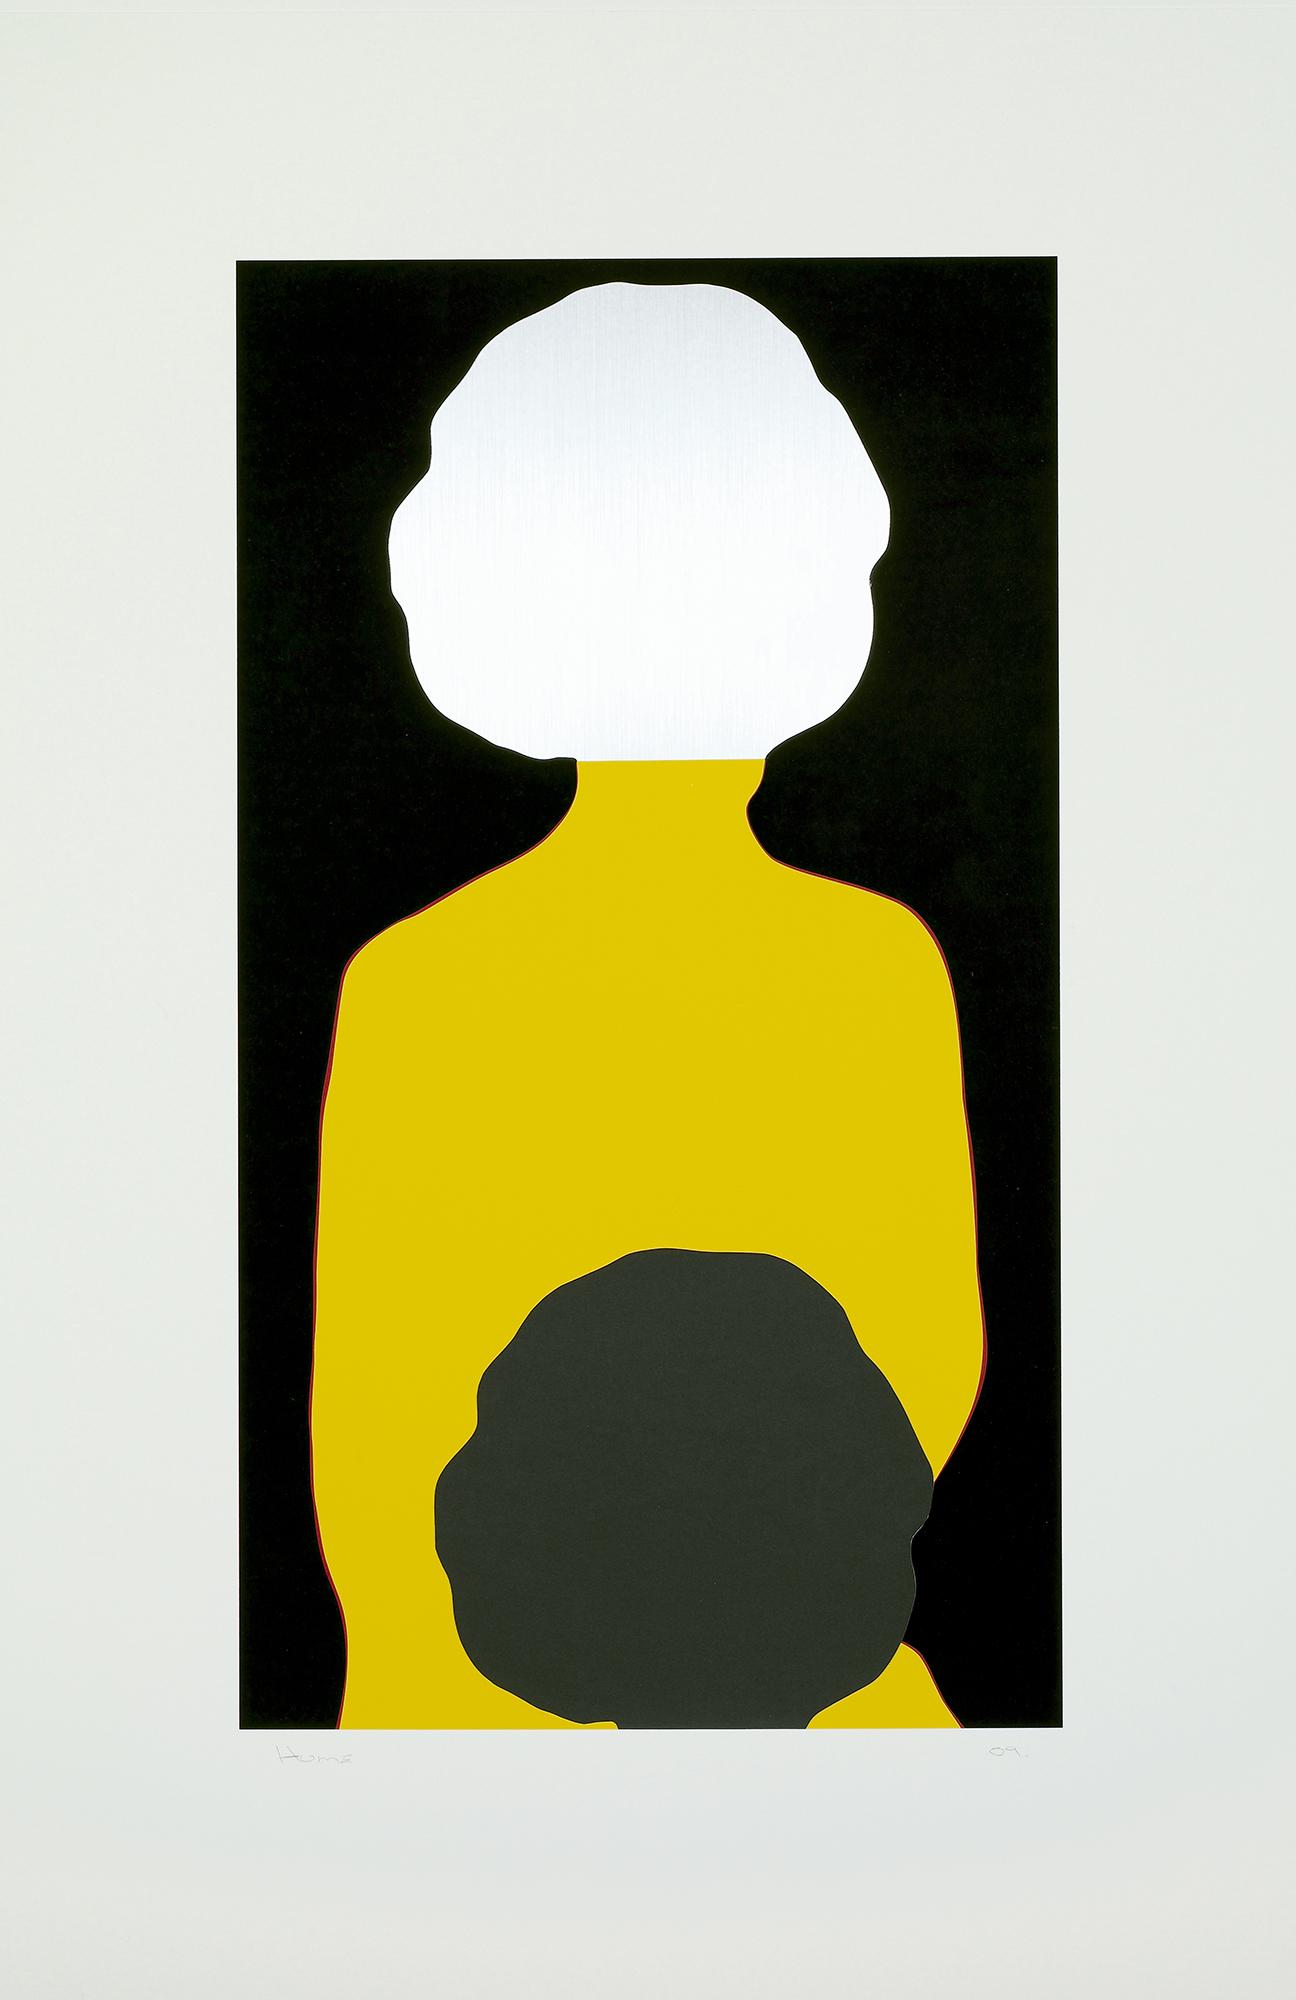 Gary Hume   The Sister Troop • 2009   Serigrafia   Edição: 60   81.6 x 54 cm